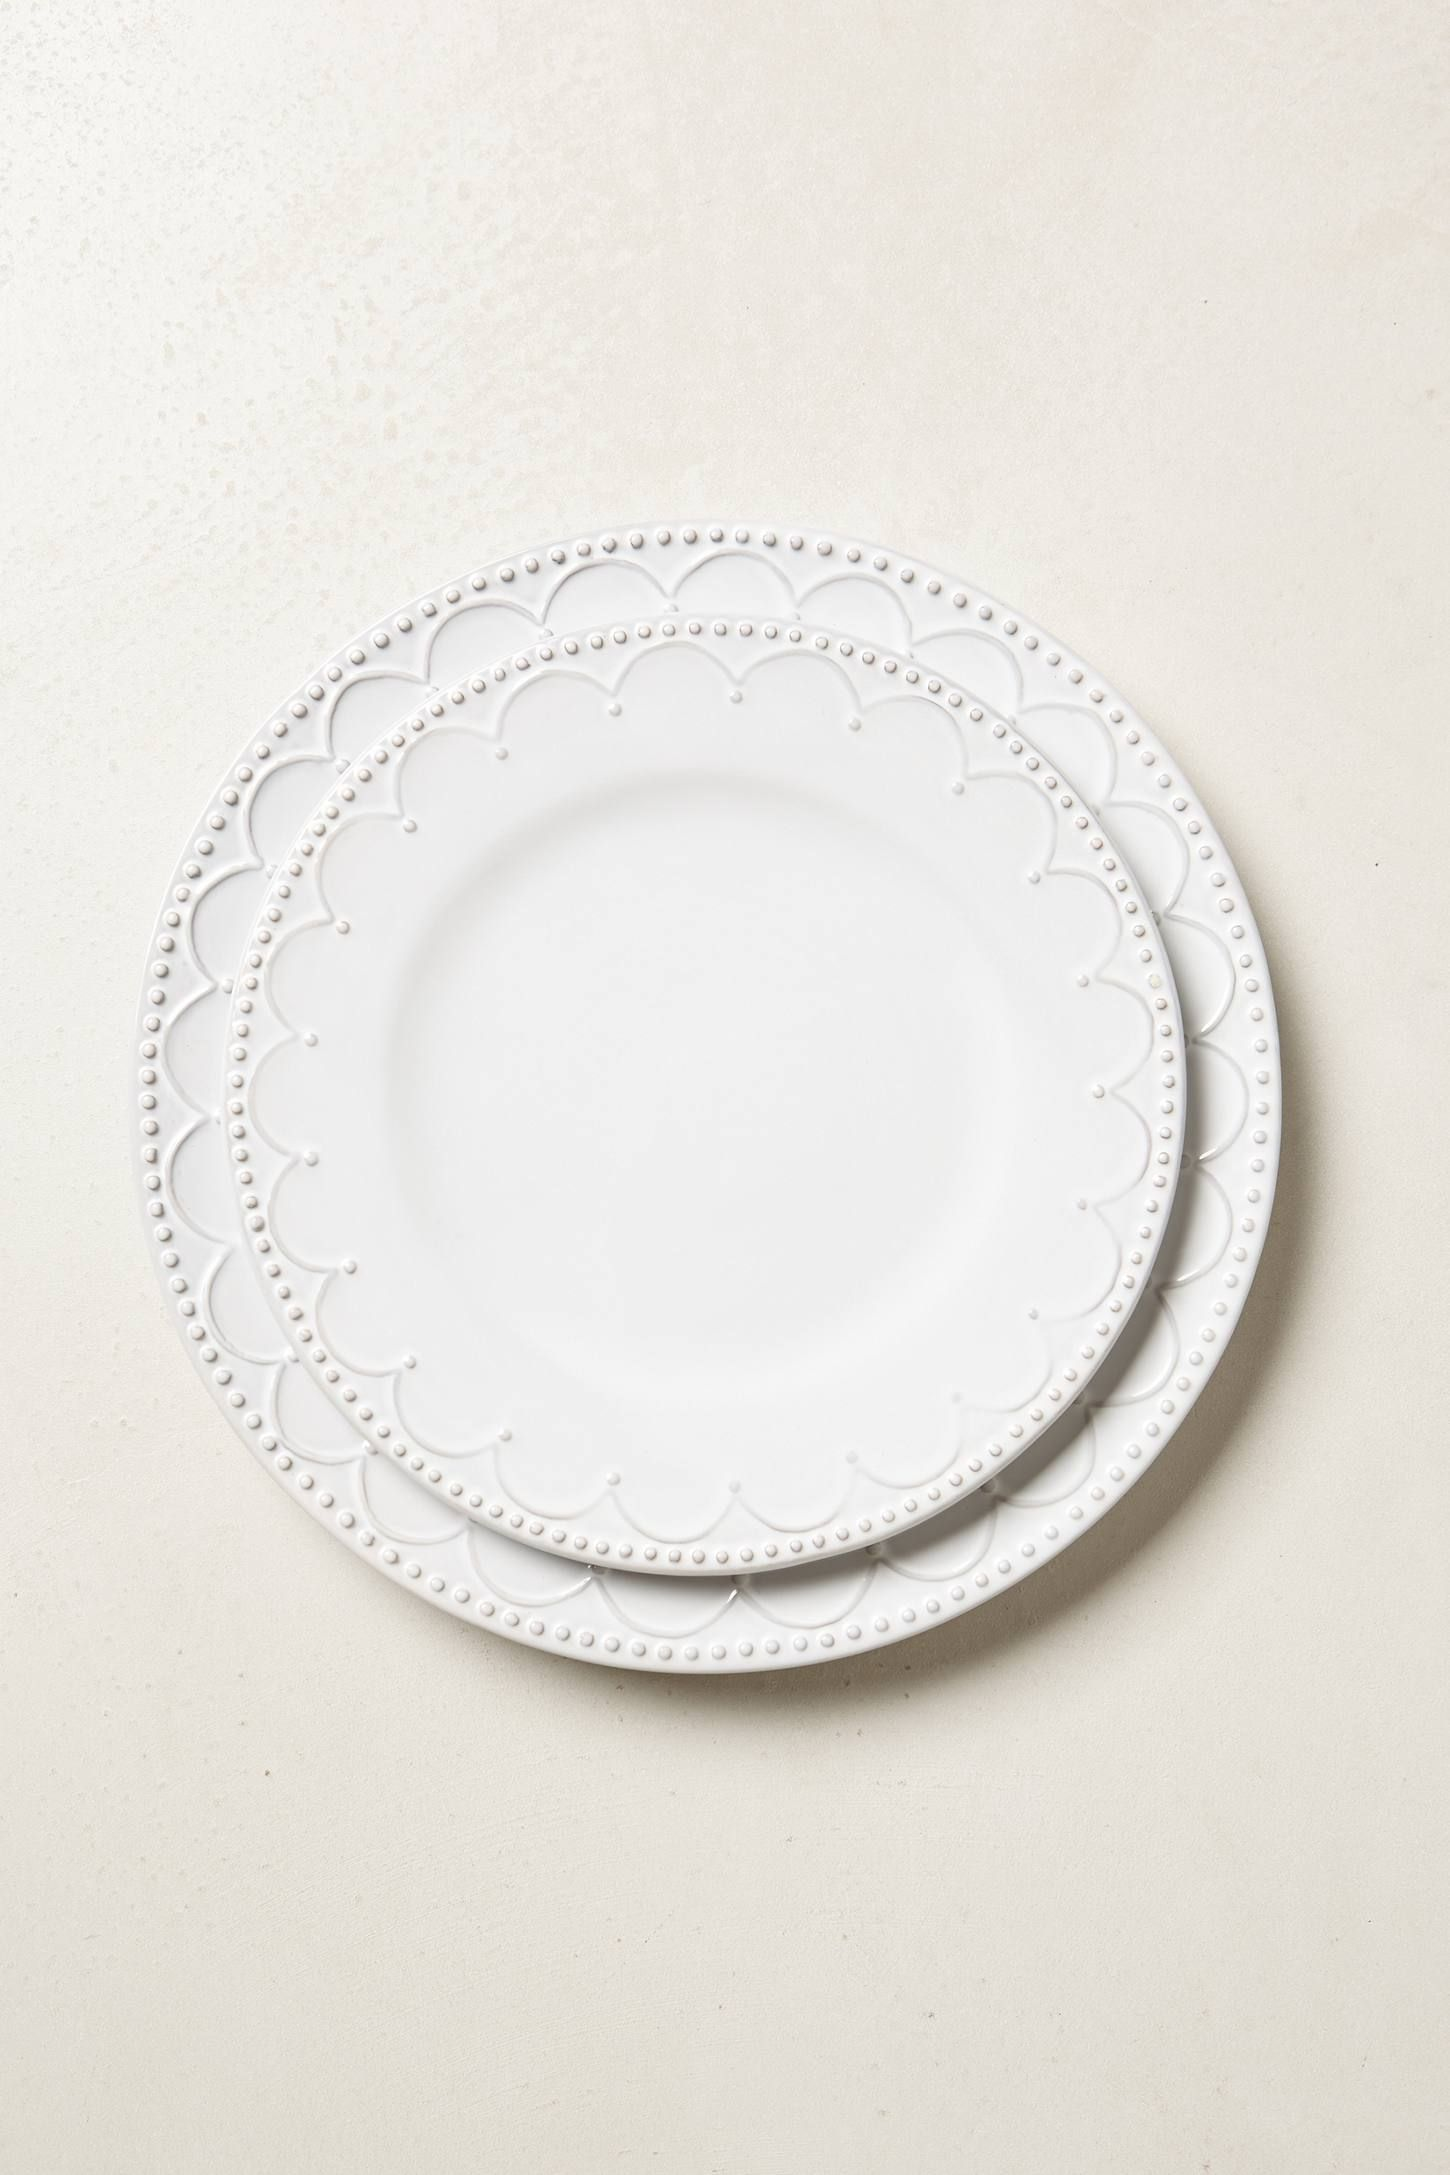 Interlude Dinner Plate Dinnerware Dinner Plates Anthropologie Plates